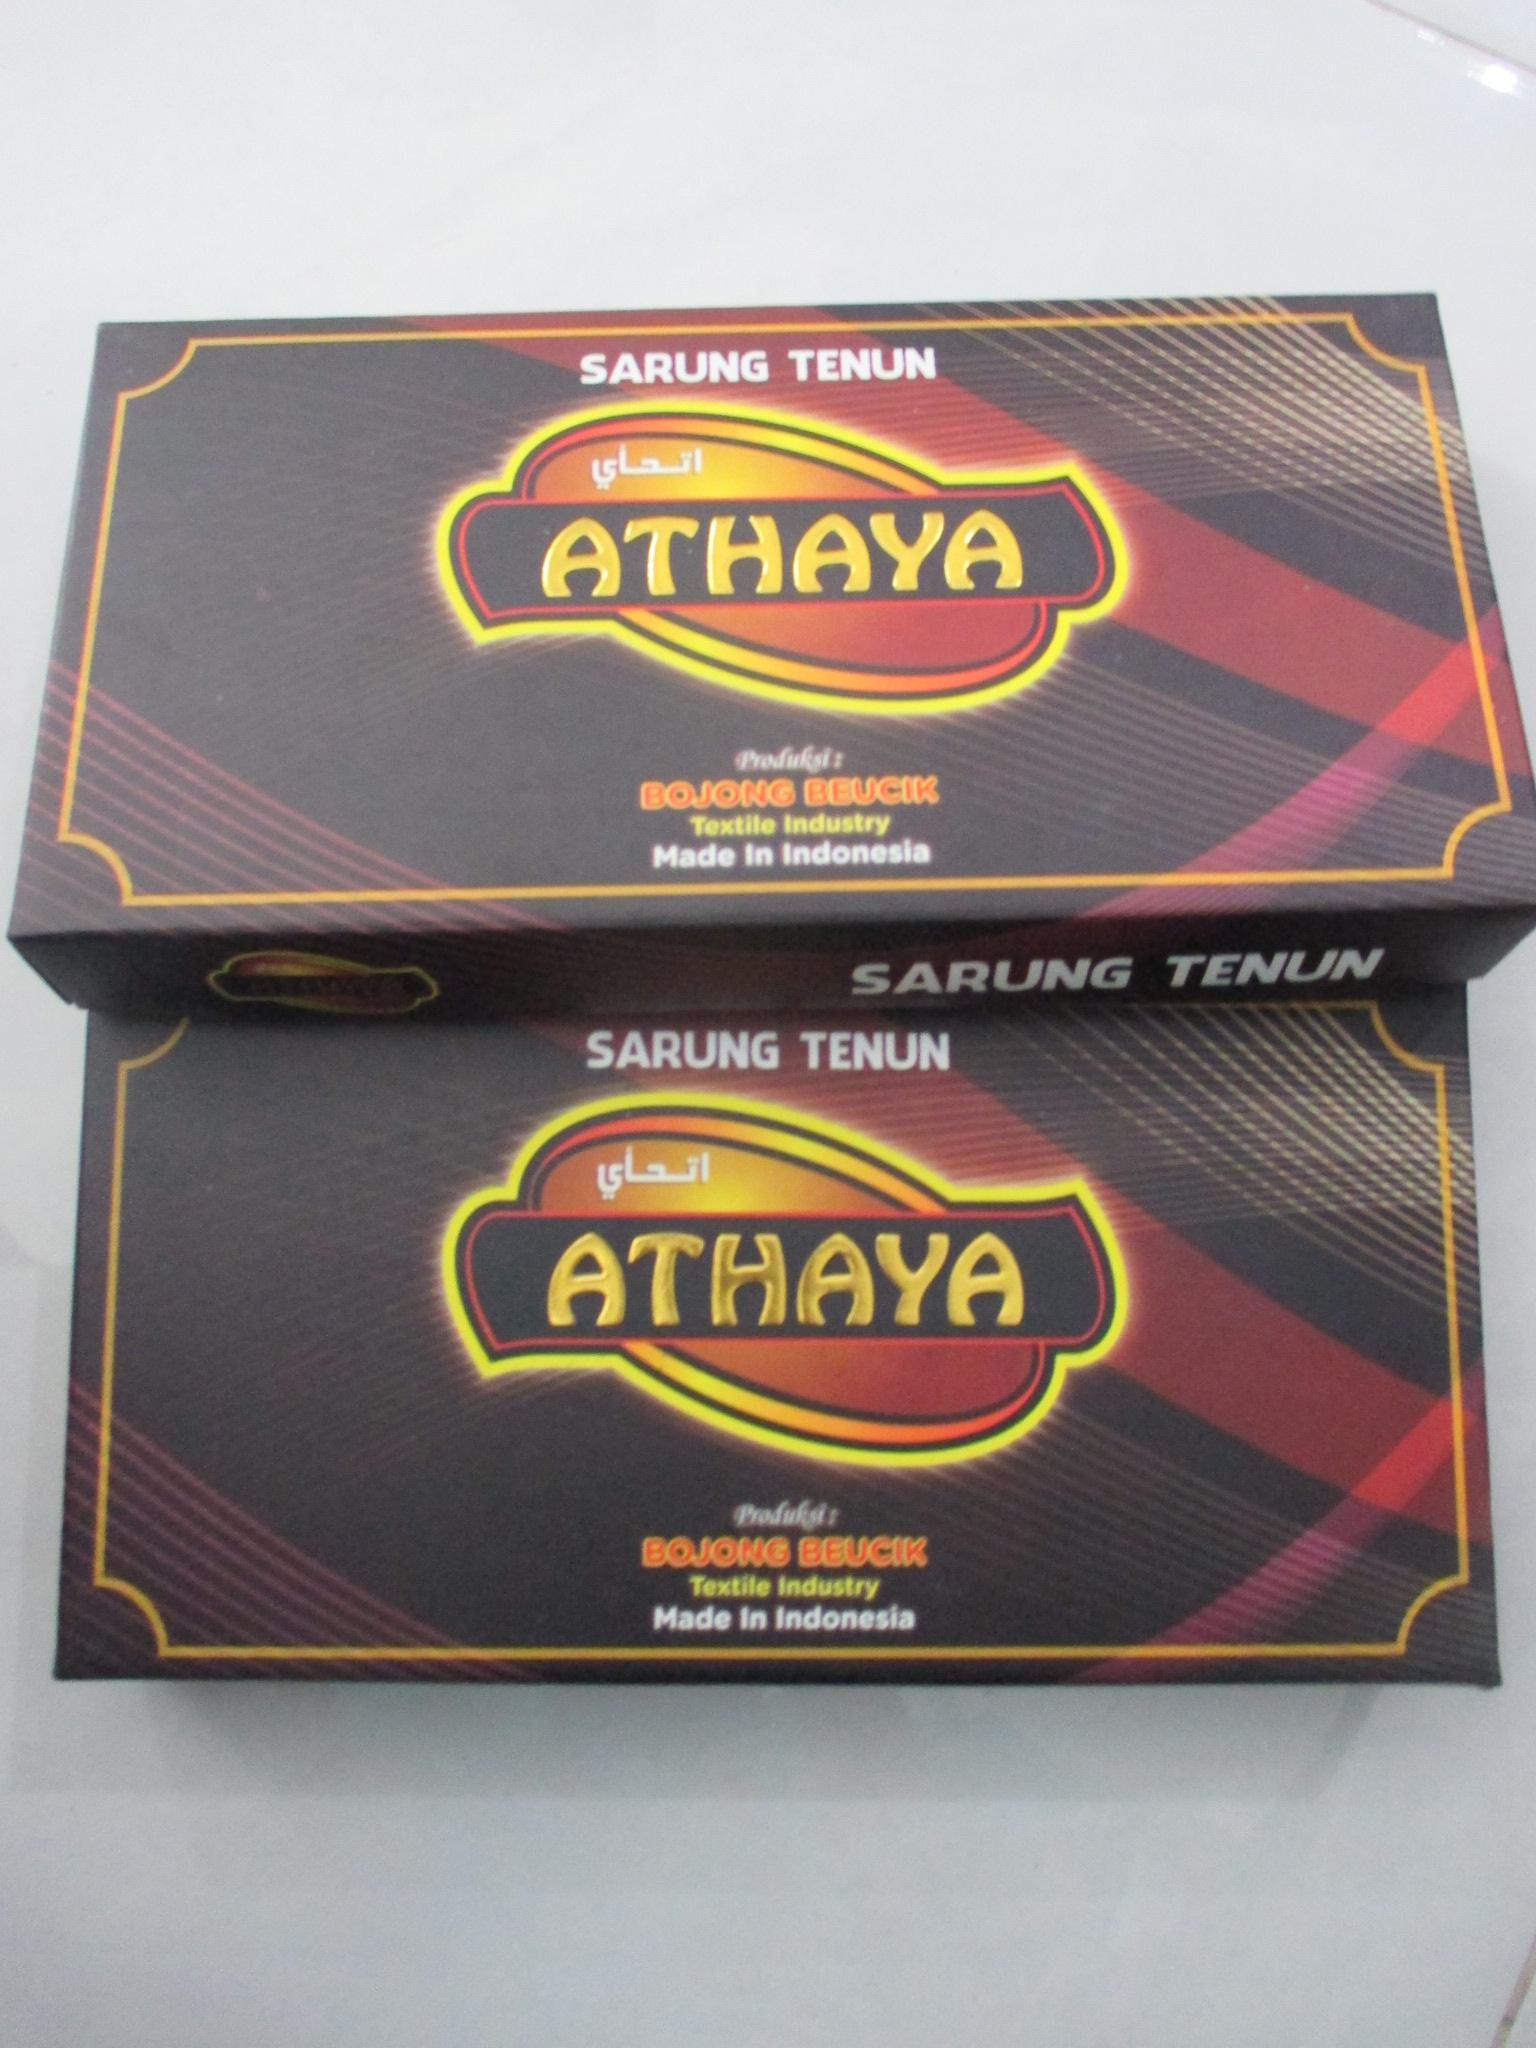 ObralanBaju.com Sarung Athaya